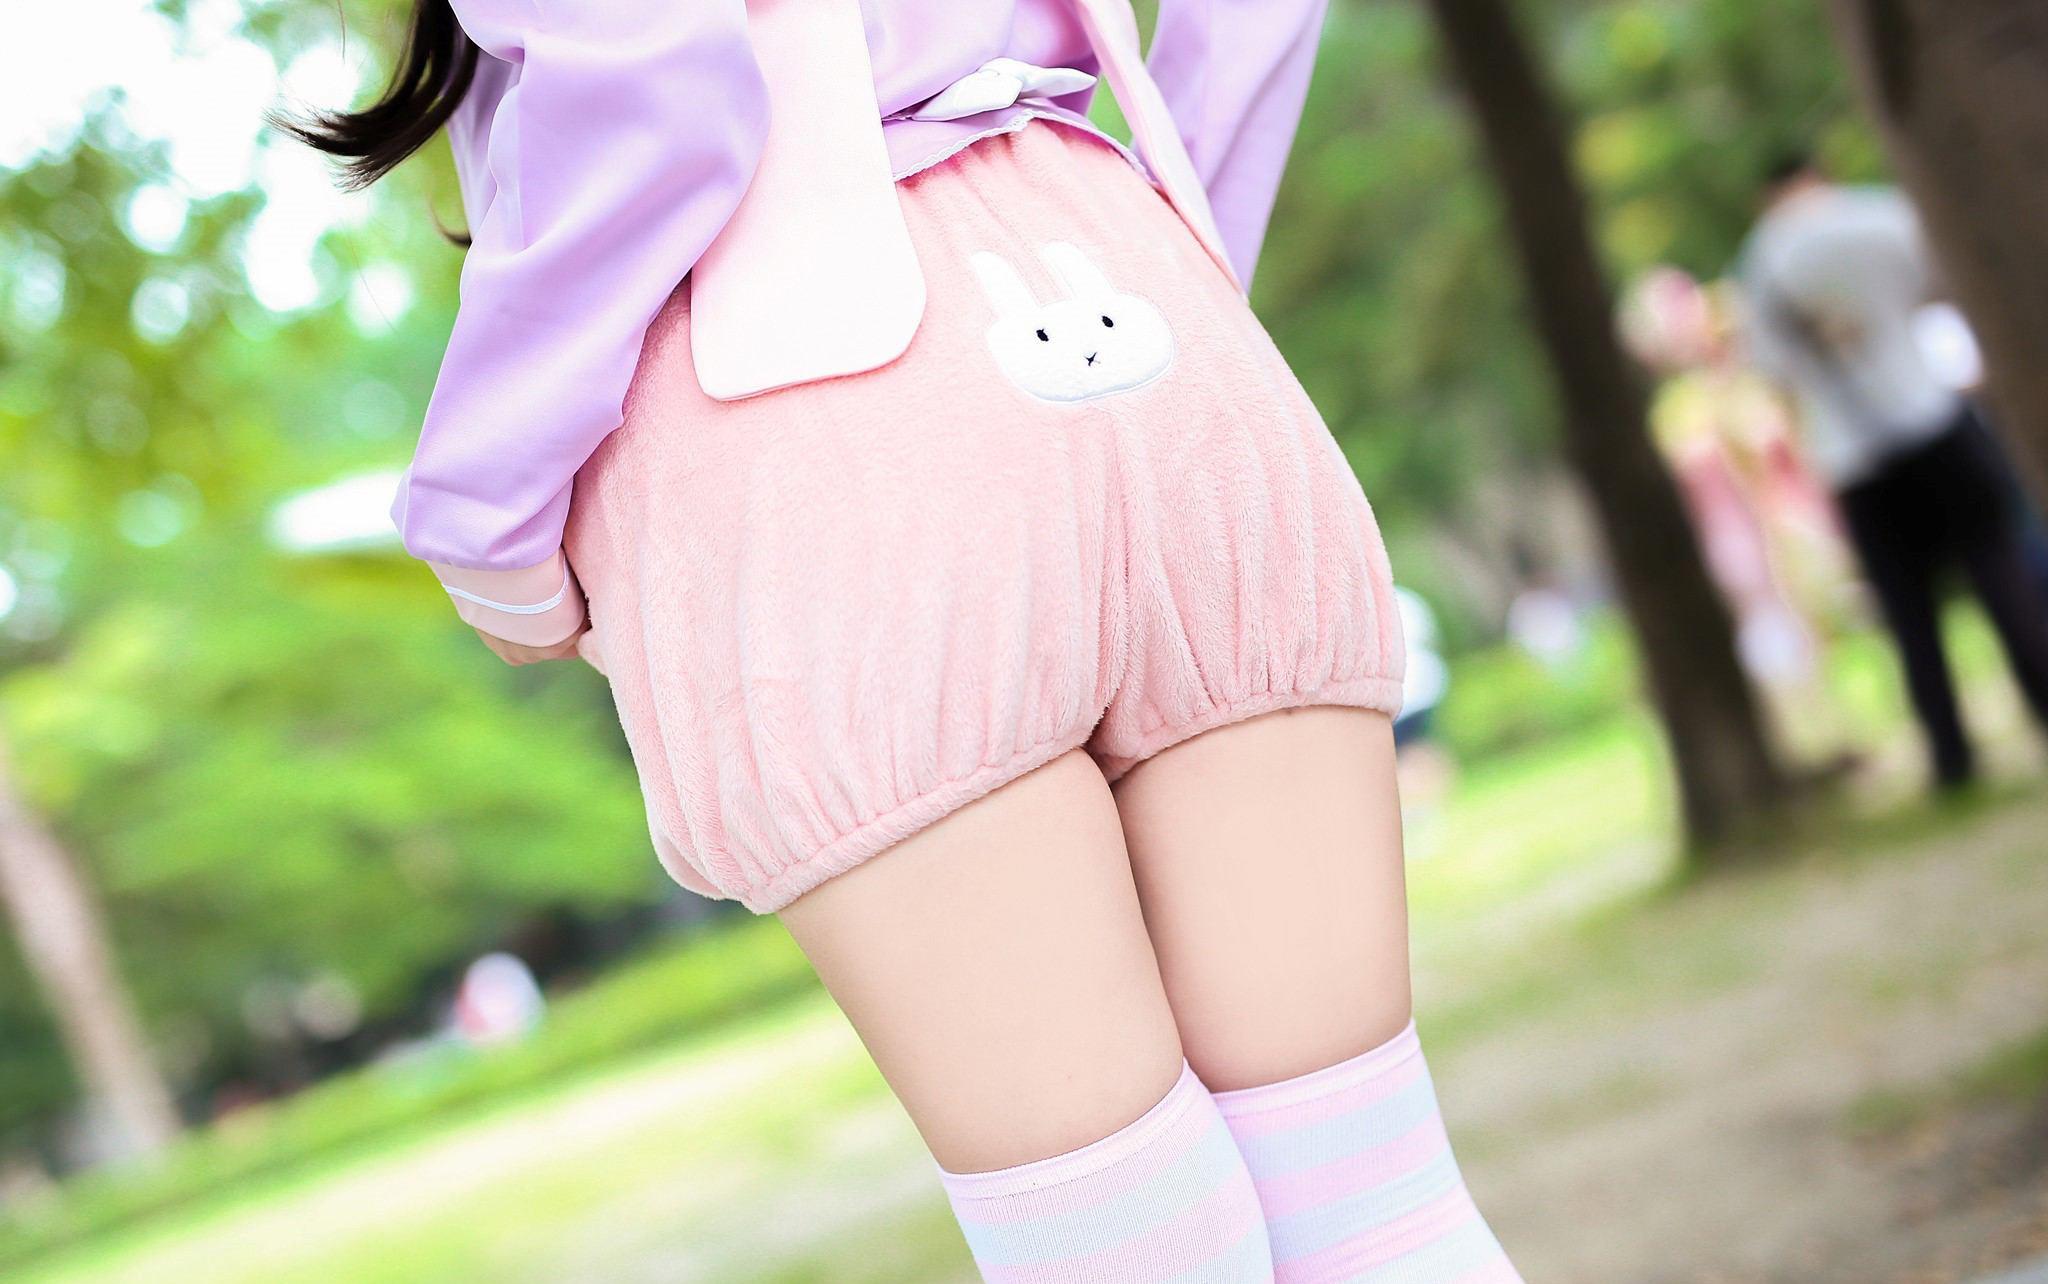 【兔玩映画】沉迷看腿,无法自拔 兔玩映画 第52张